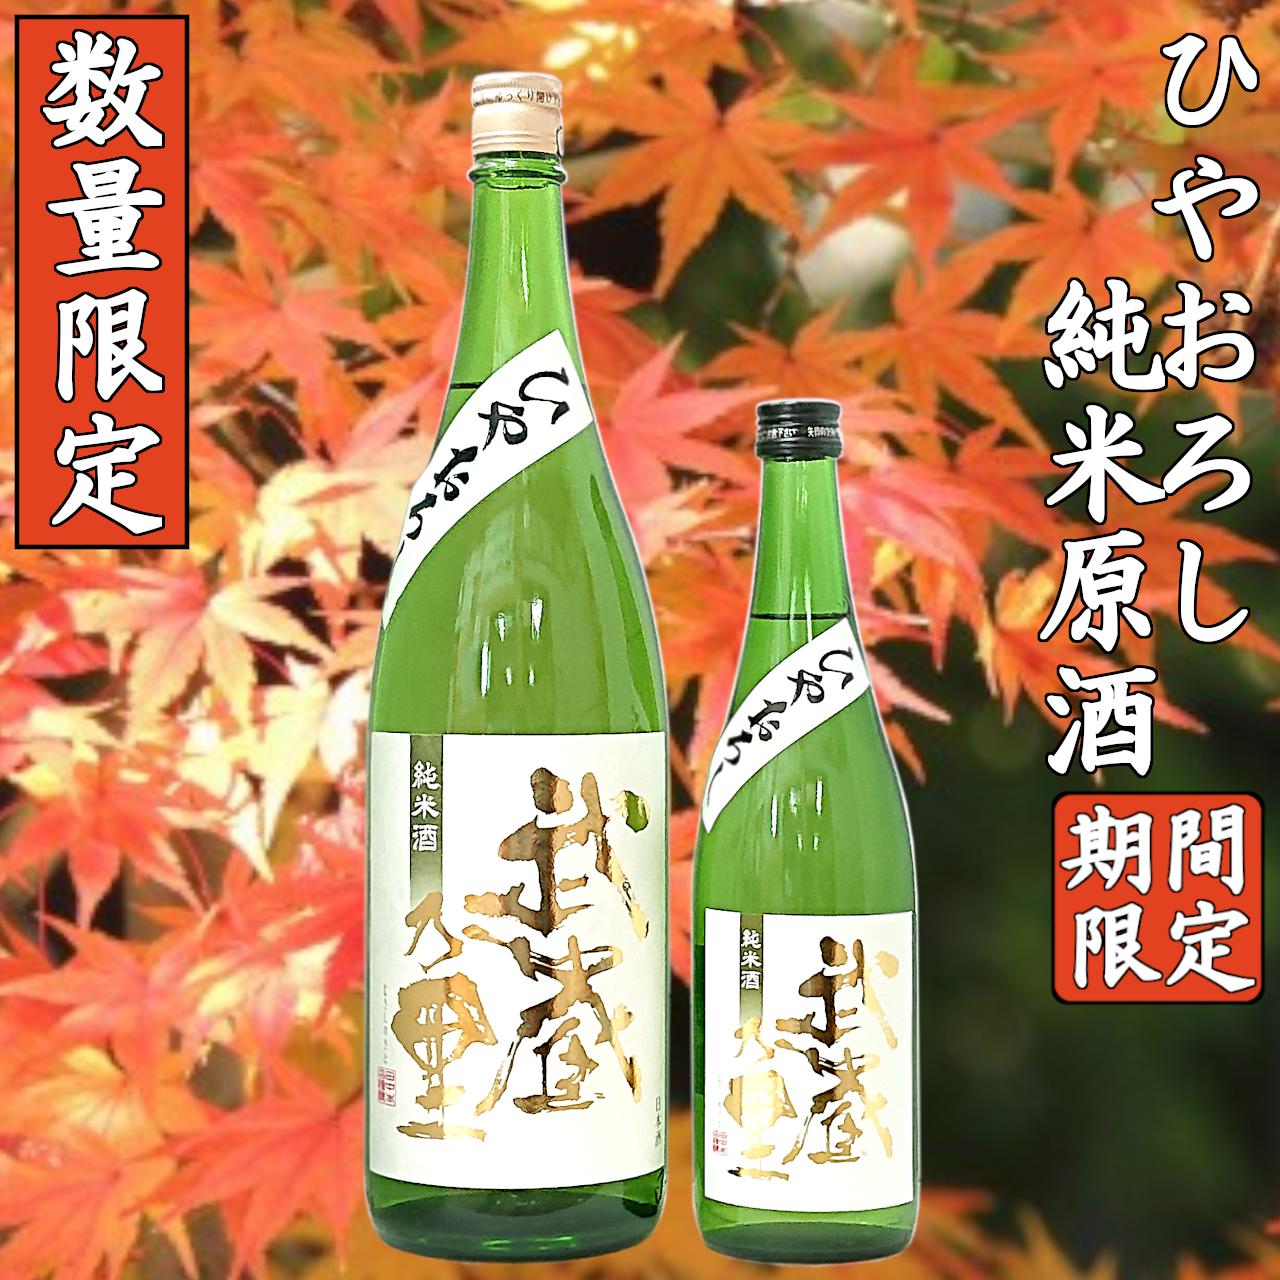 秋が旬のお酒。期間限定/数量限定「ひやおろし純米原酒」発売開始。秋の夜長はおうちのみで、ゆったりと